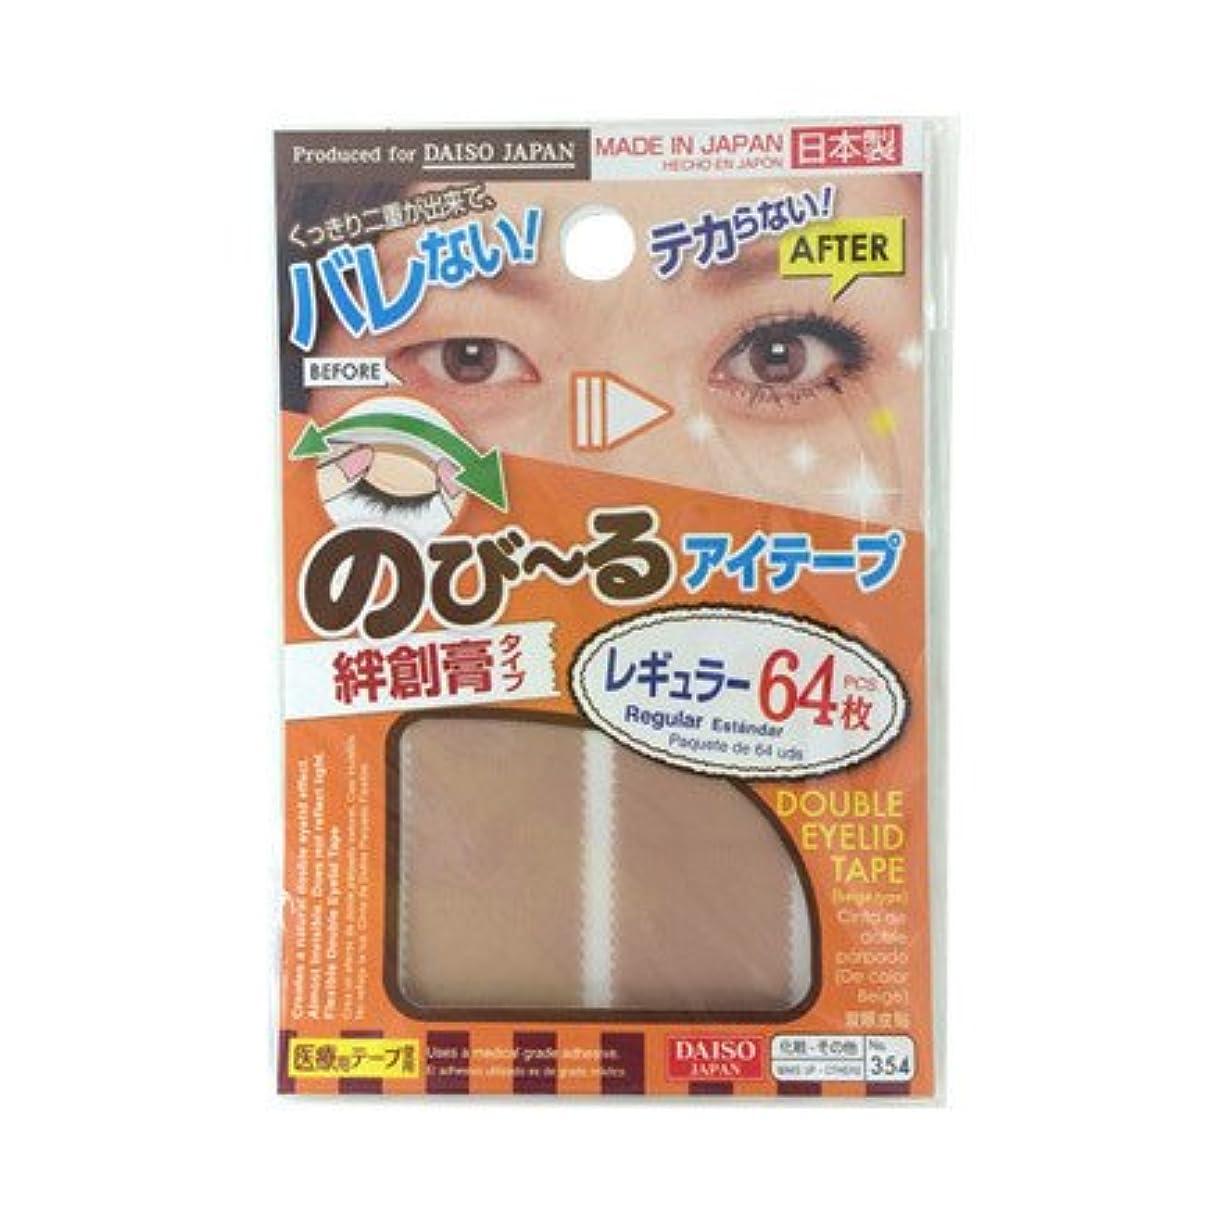 すすり泣き持つ部分的daiso ダイソー のび~る アイテープ  絆創膏 レギュラー 64枚 ×2パック